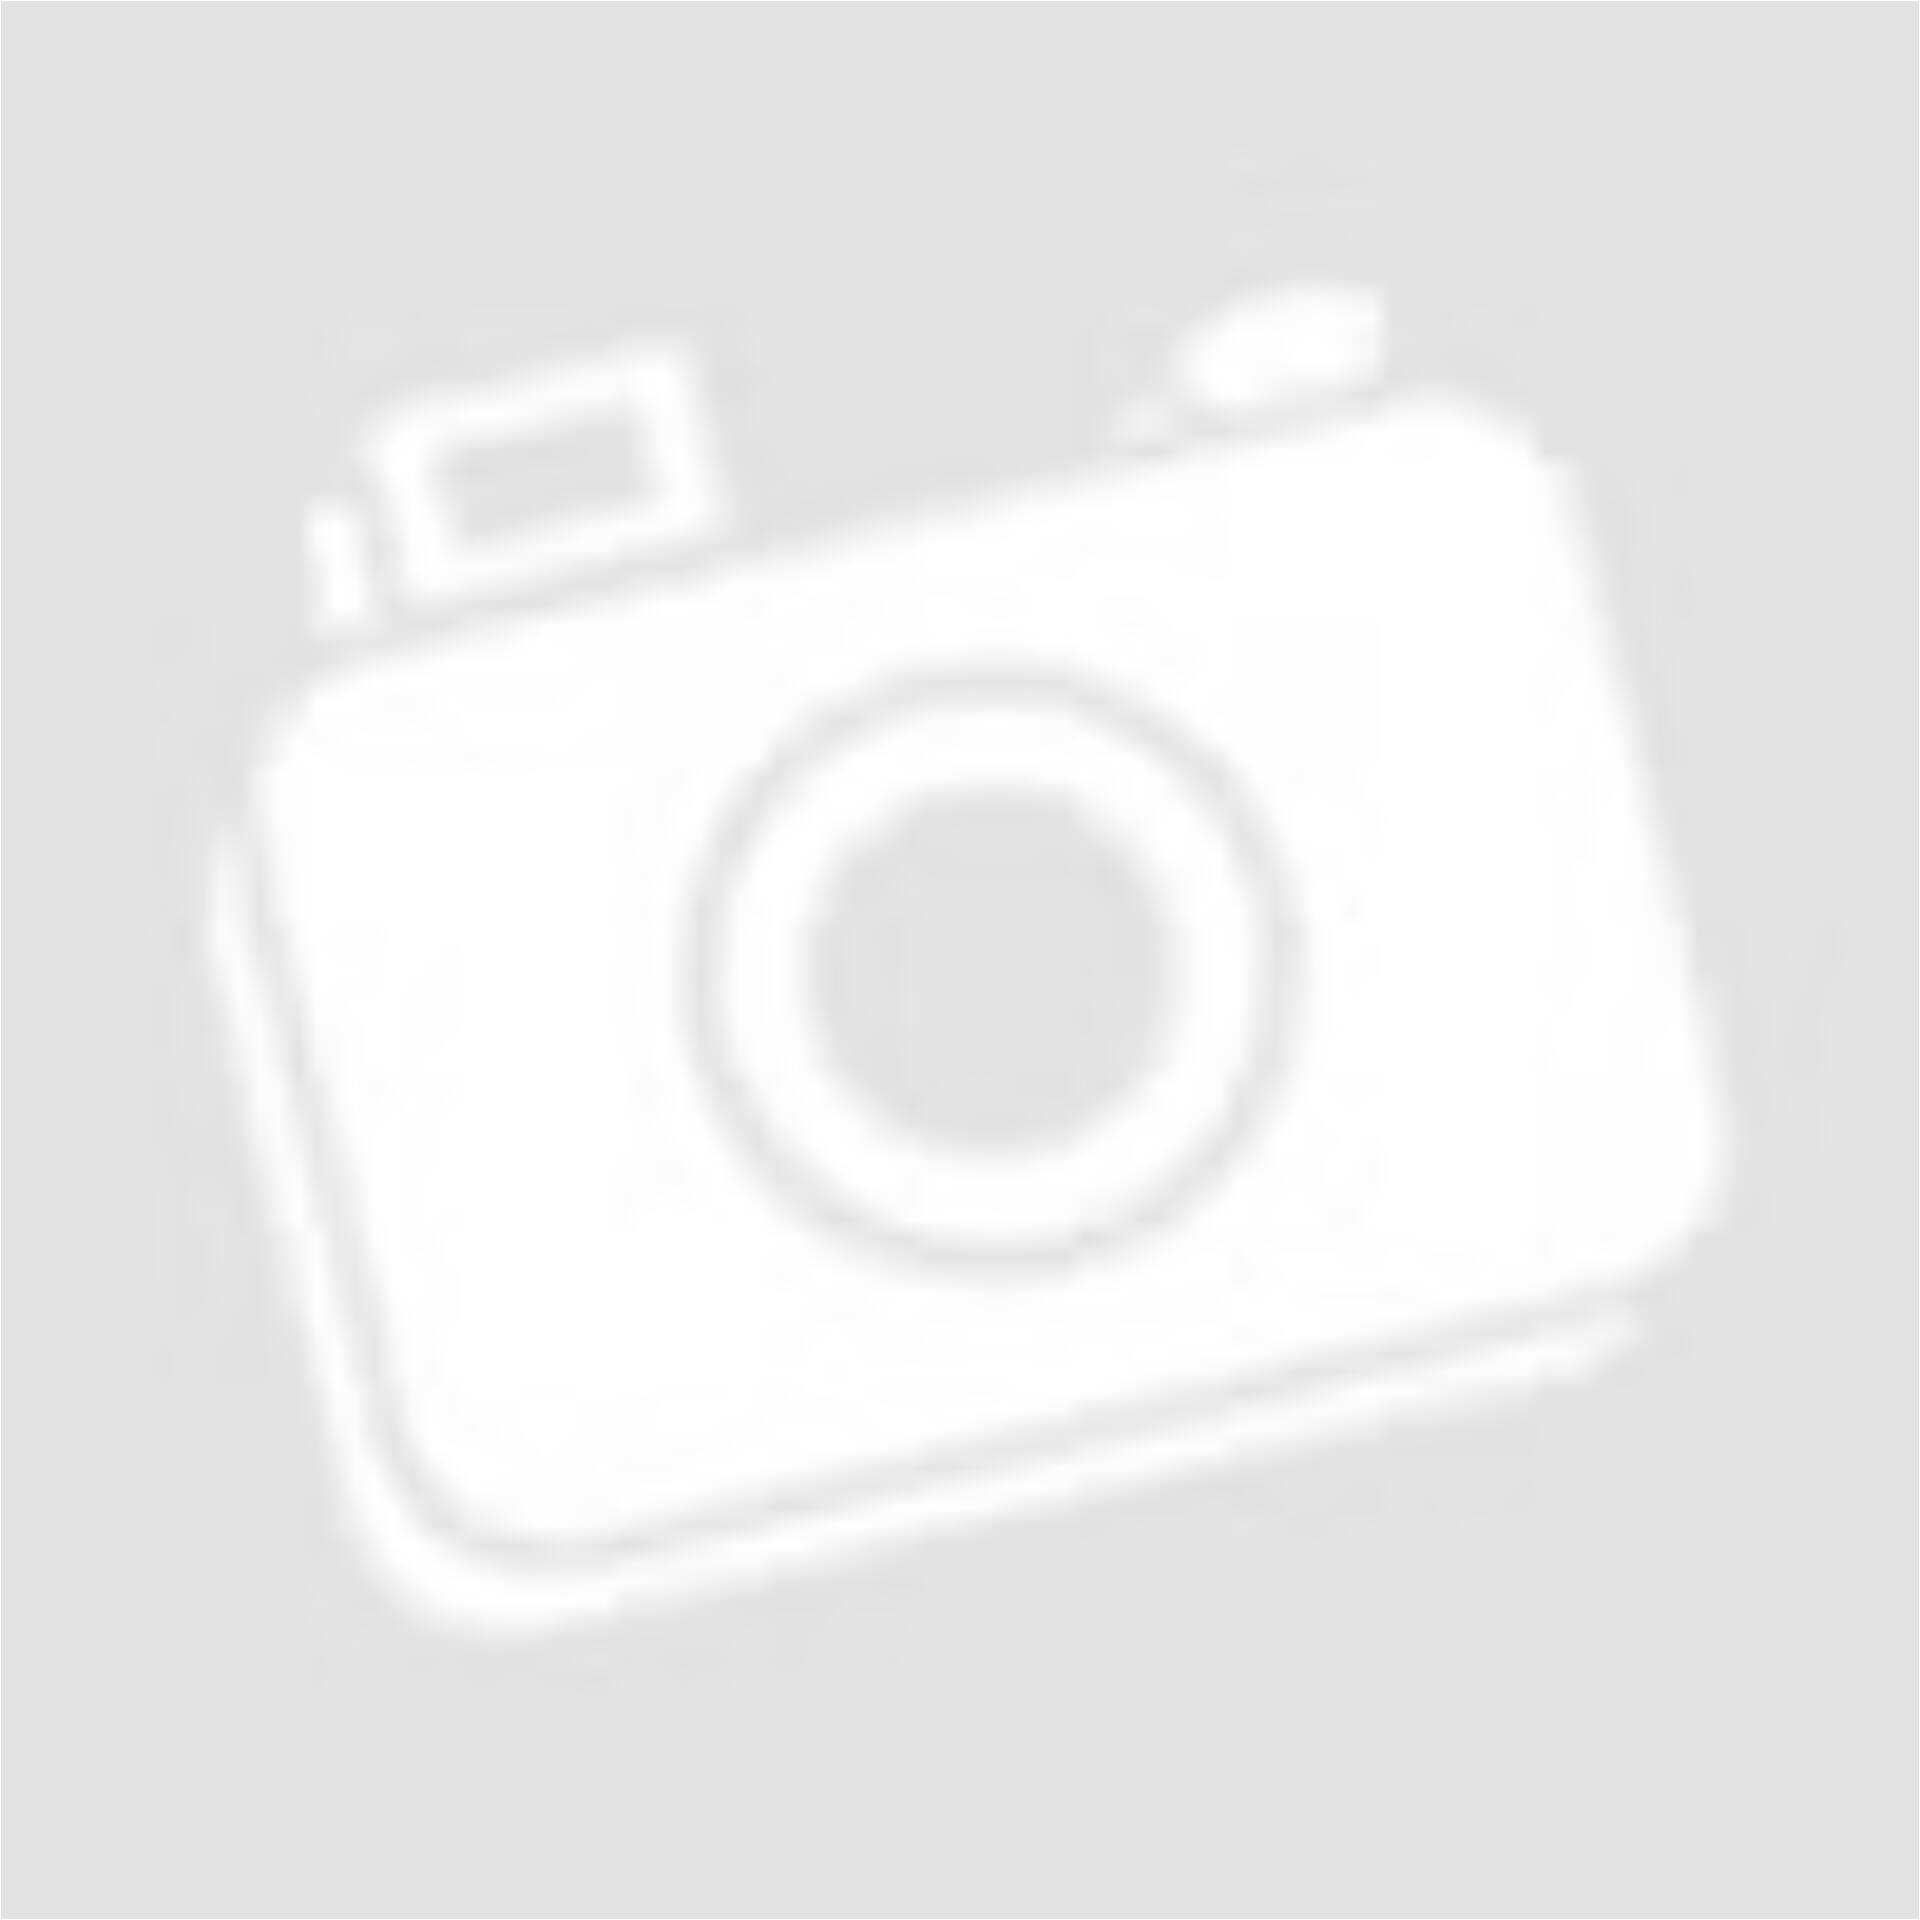 JANINA rózsaszín felső (Méret  M) - Női ruha - Öltözz ki webáruház - Új és Használtruha  webshop 5633ca2ada